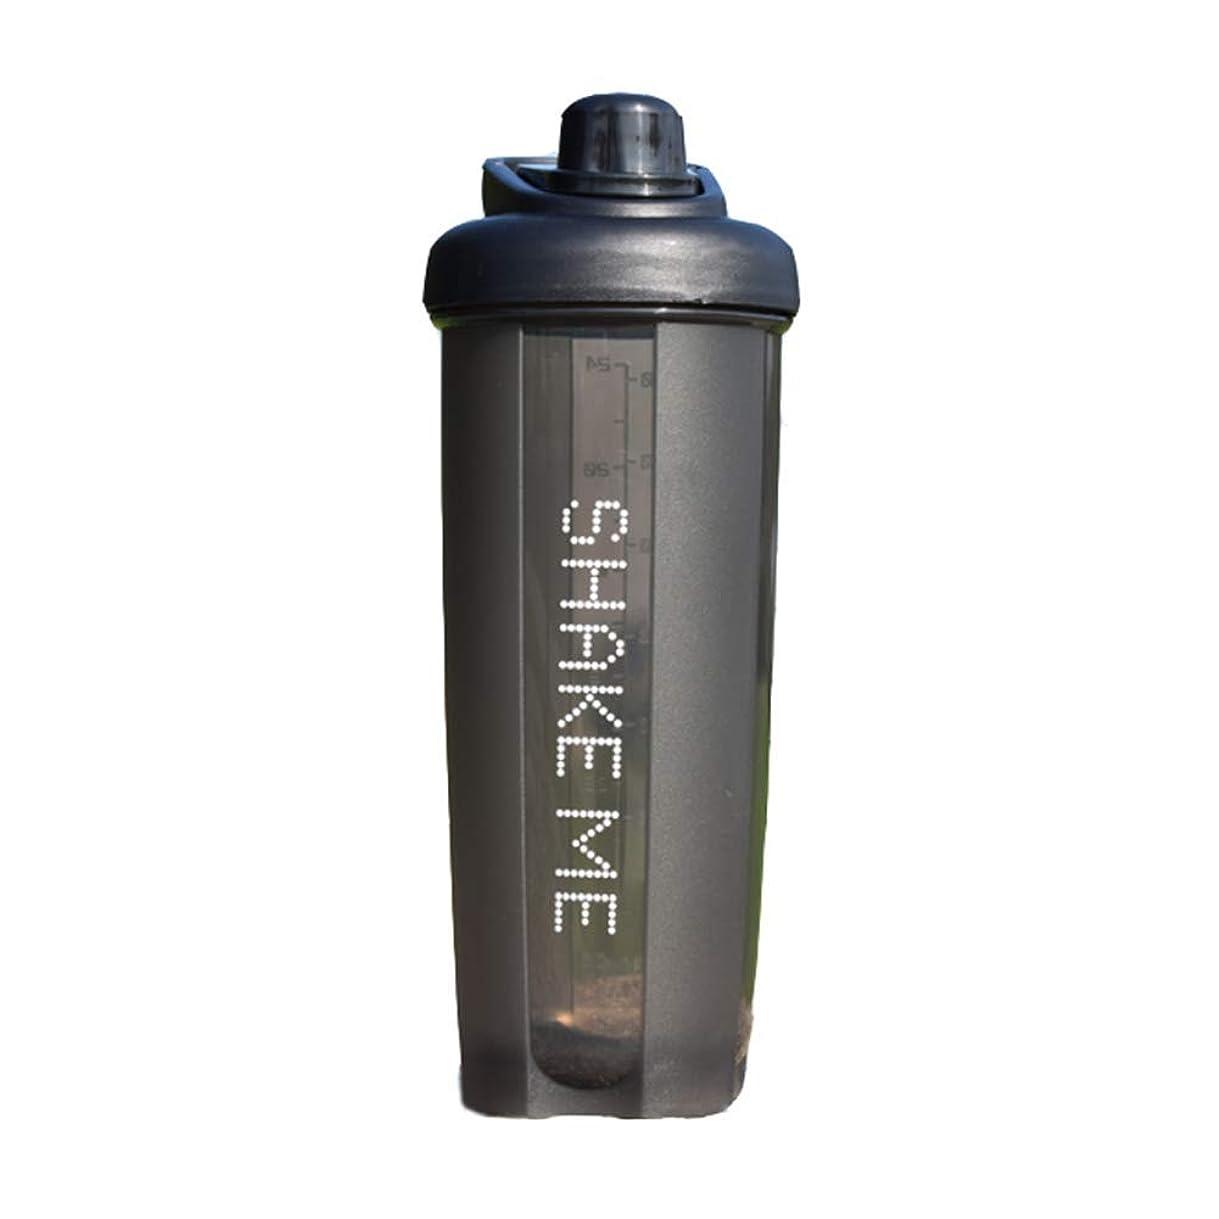 イースター仲介者面倒GOIOD ブレンダーボトル ミキサー シェーカー ボトル Classic (500-700ml) ブラック